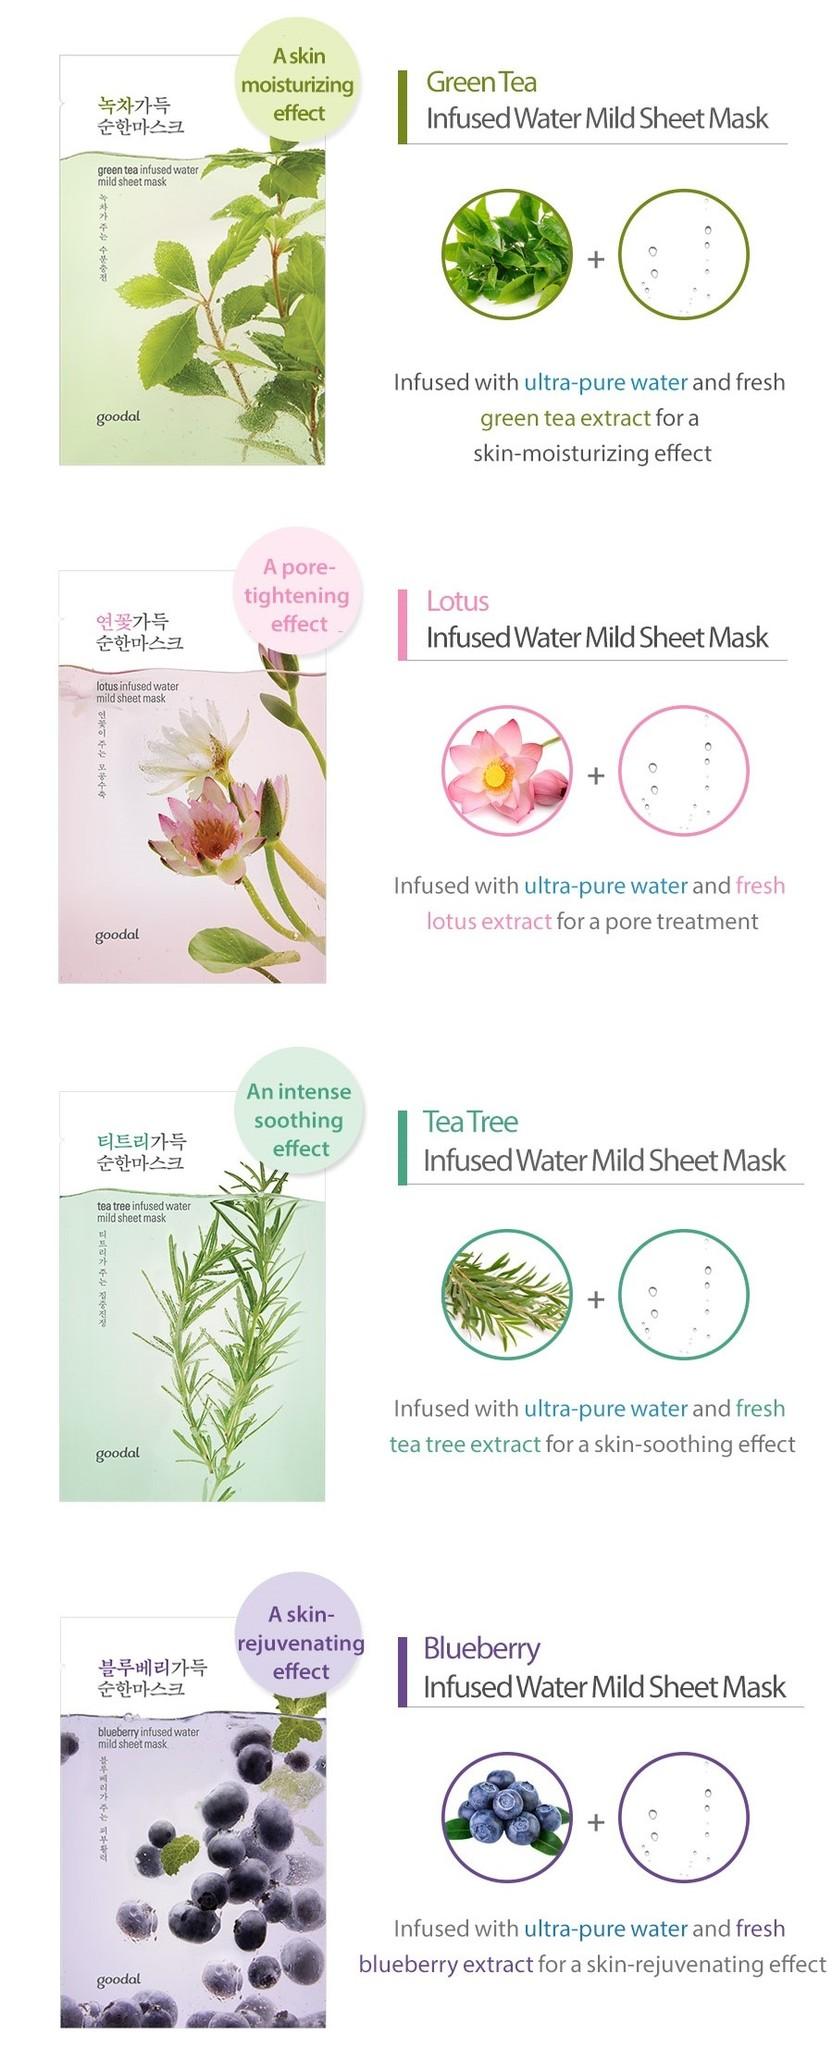 tea tree infused water mild sheet mask-6